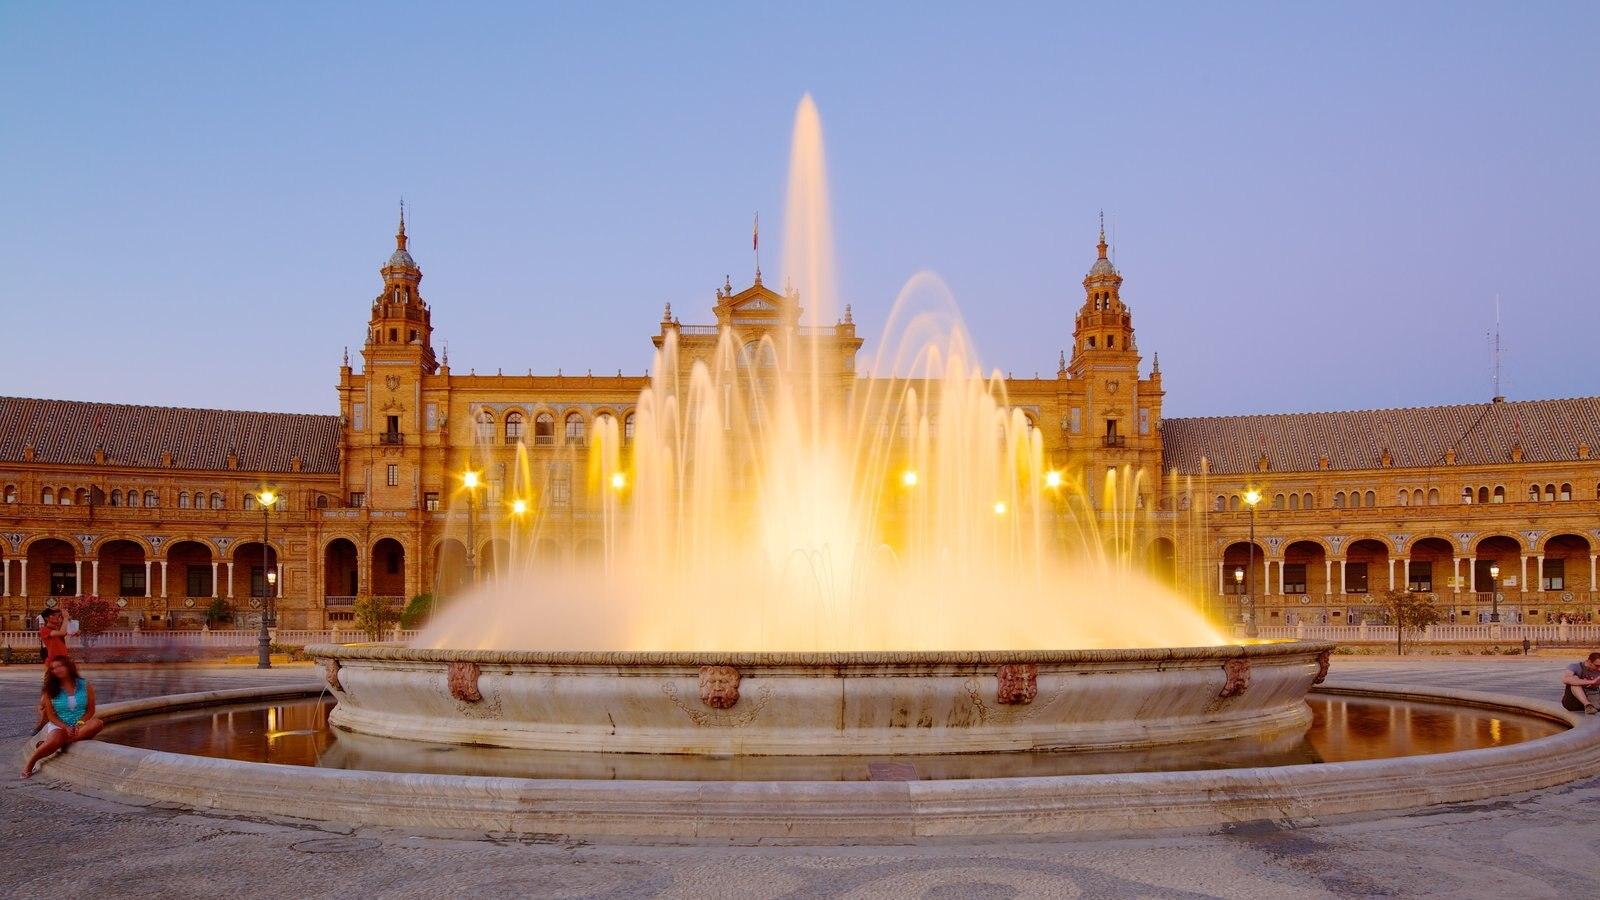 Plaza de España que inclui uma fonte, arquitetura de patrimônio e uma praça ou plaza